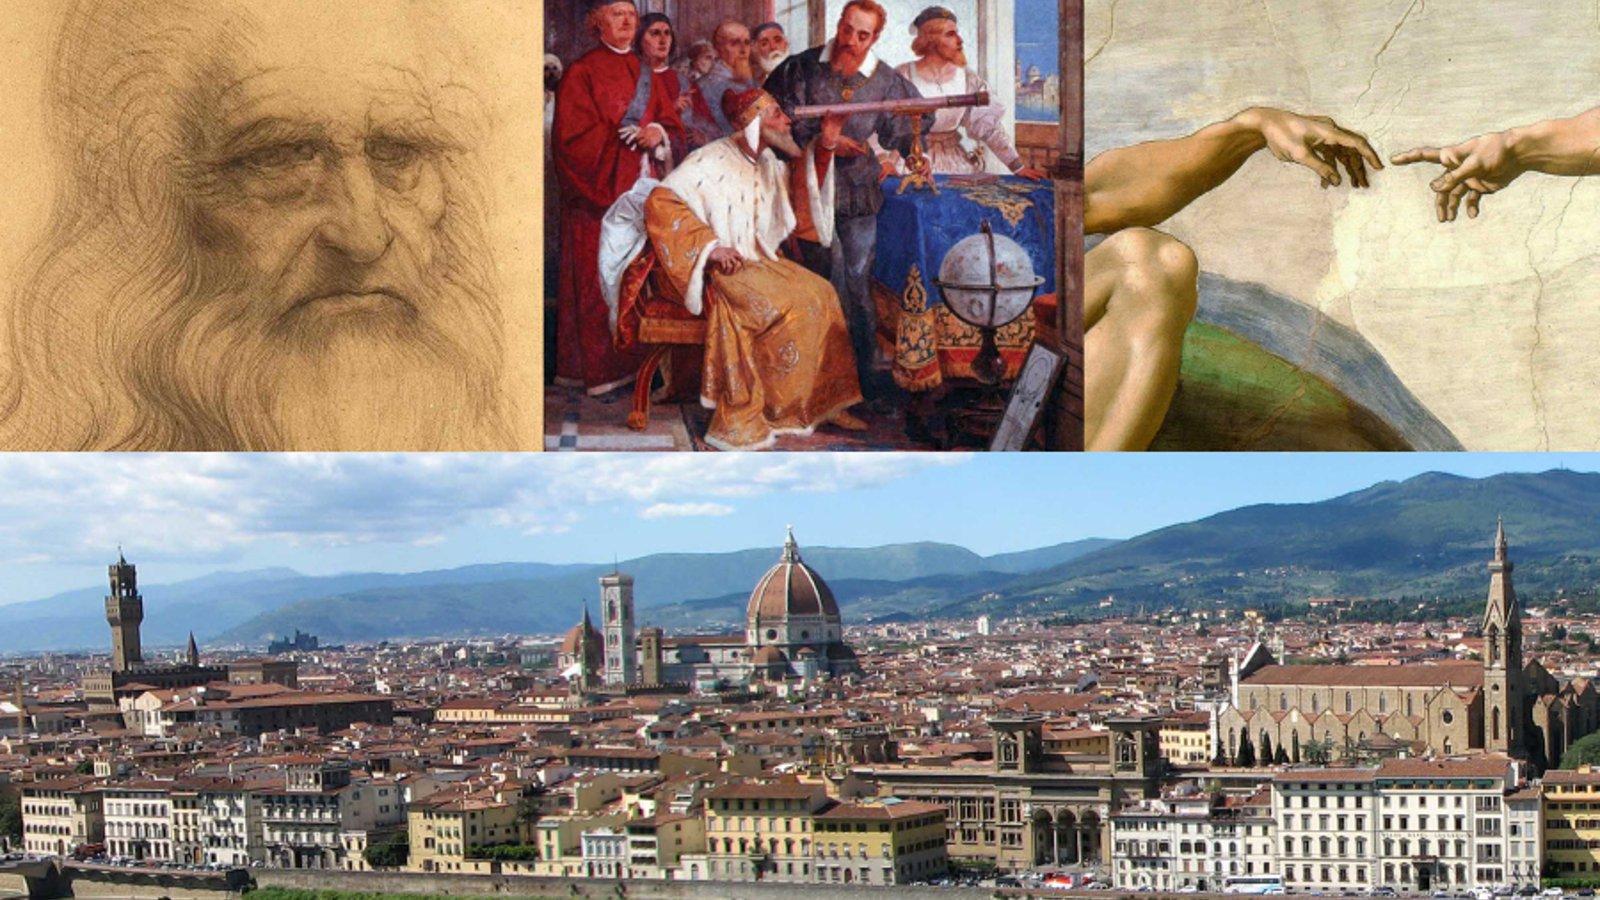 Renaissance Italy